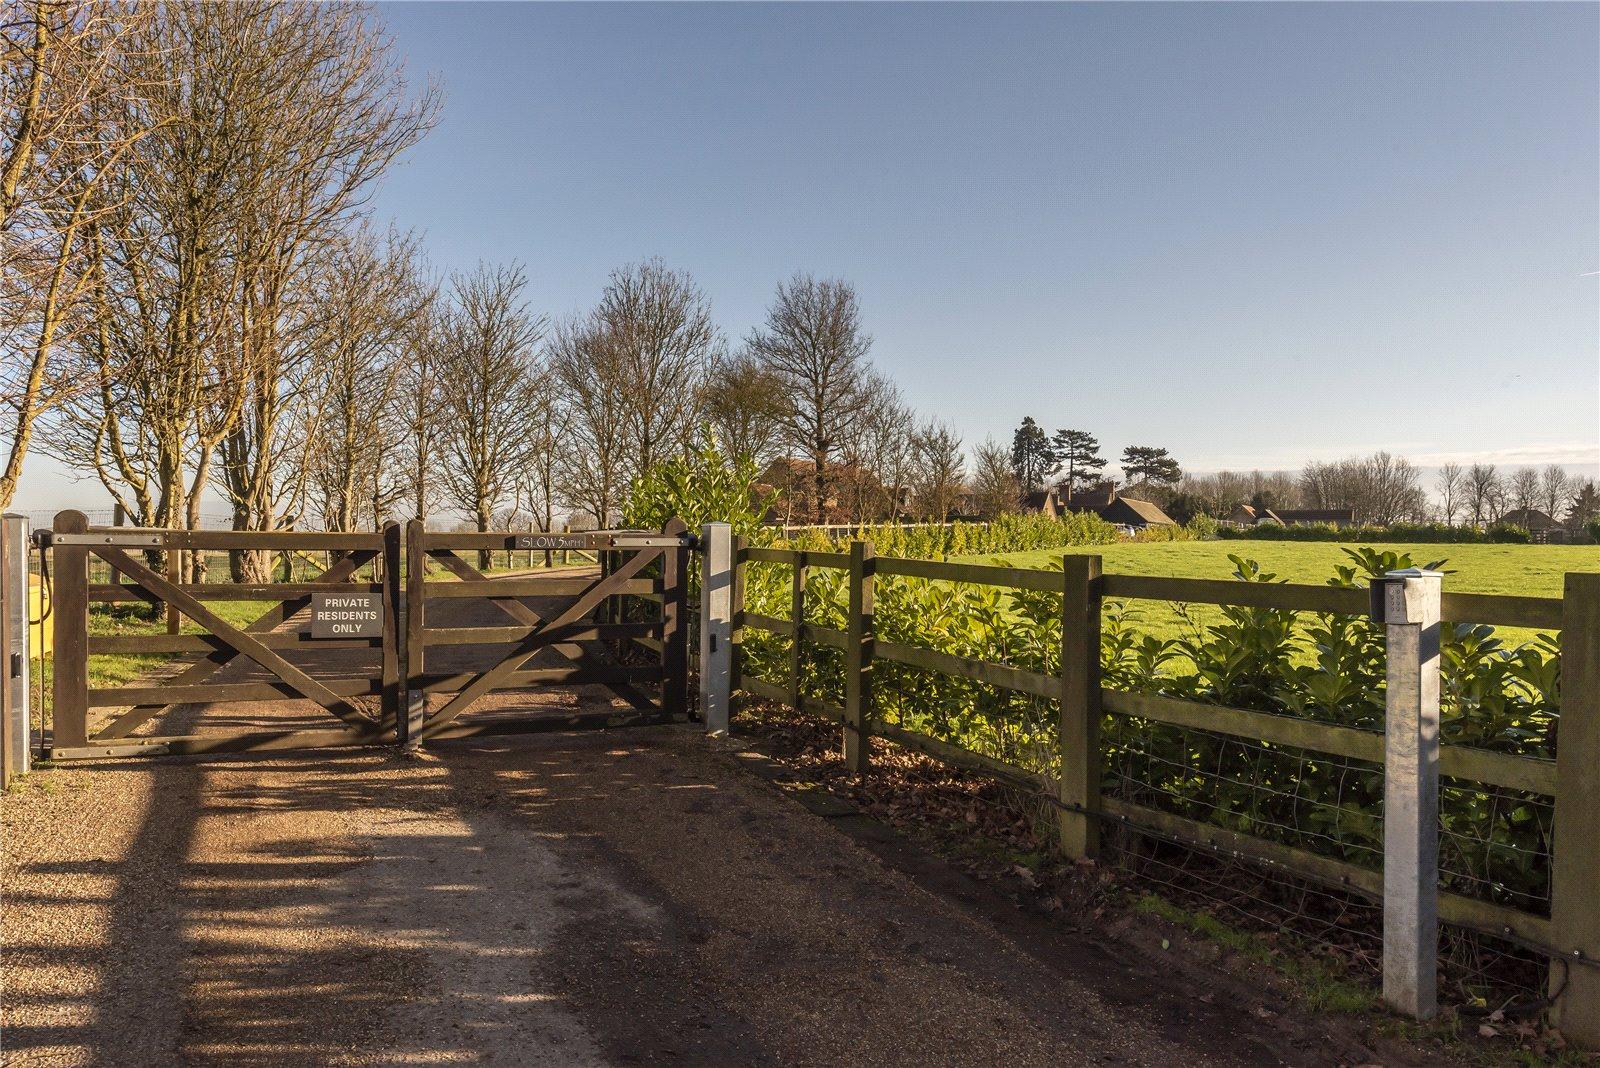 Brownlow Farm Barns Image